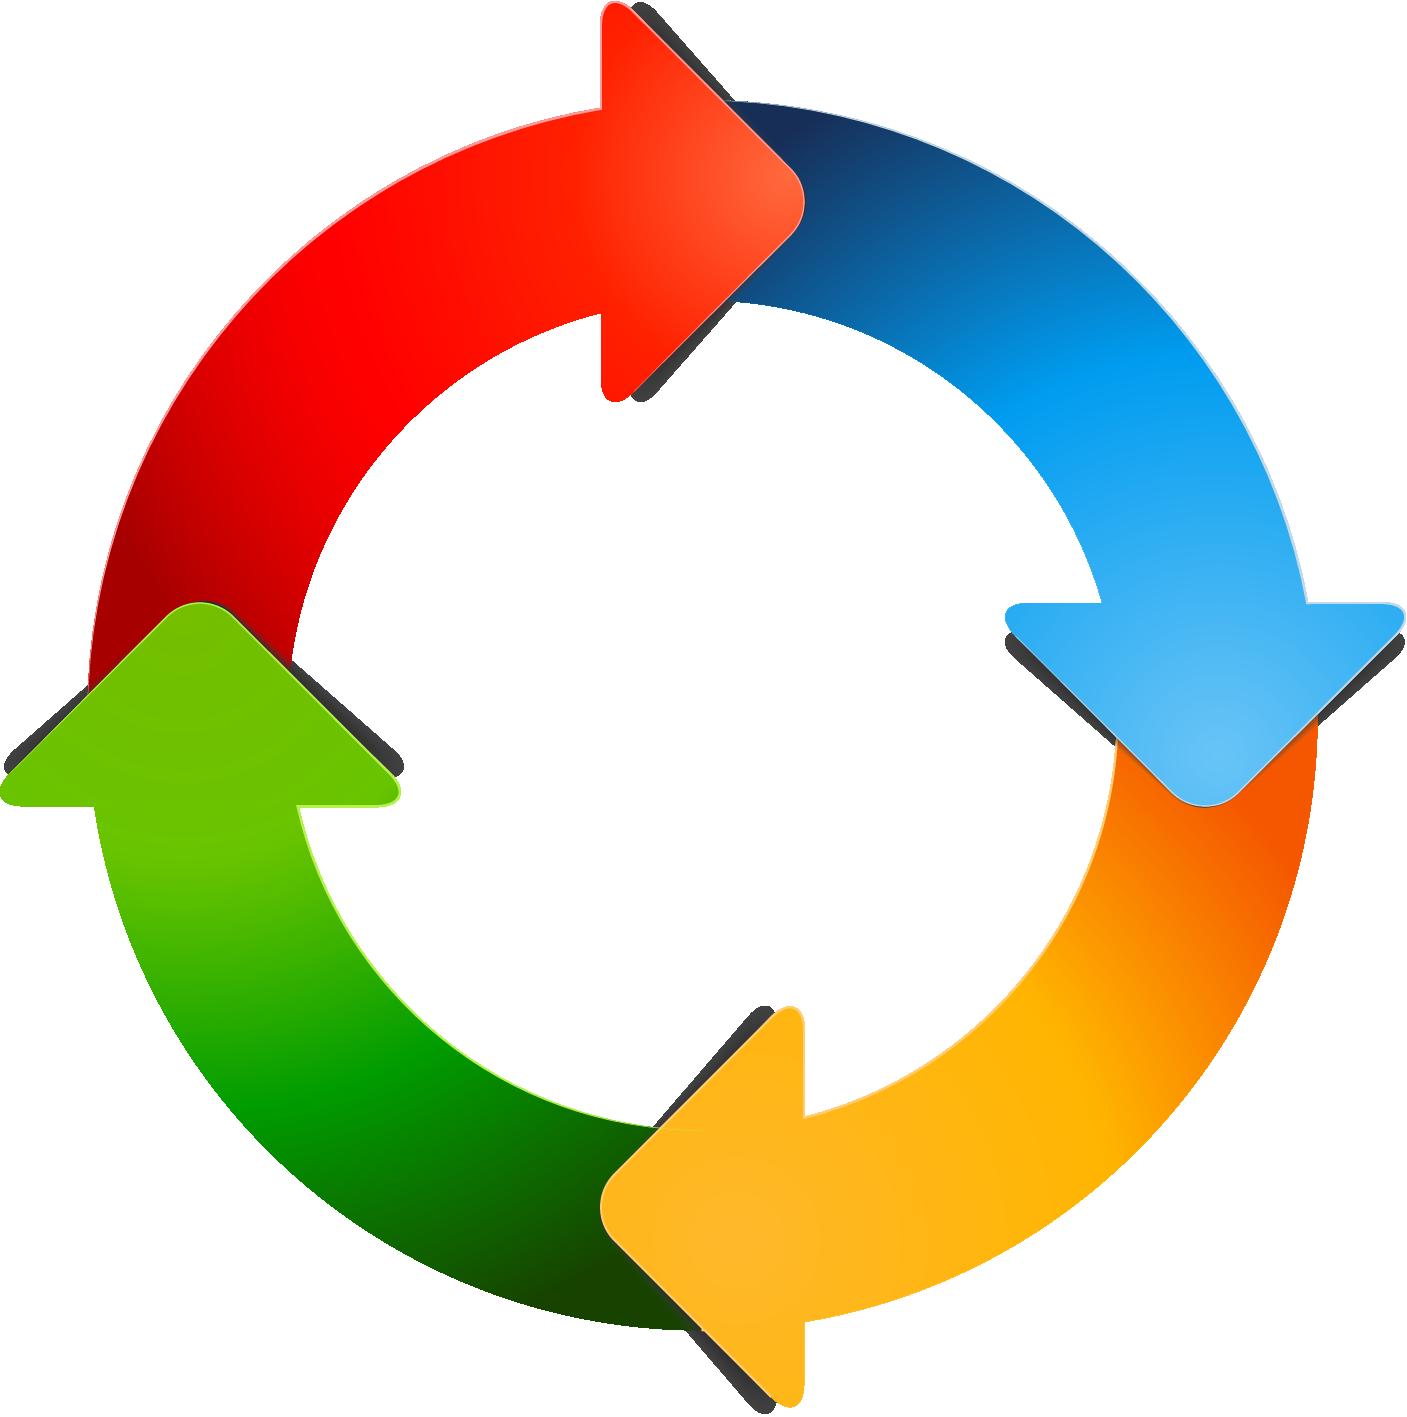 Жизненный цикл картинки для презентации